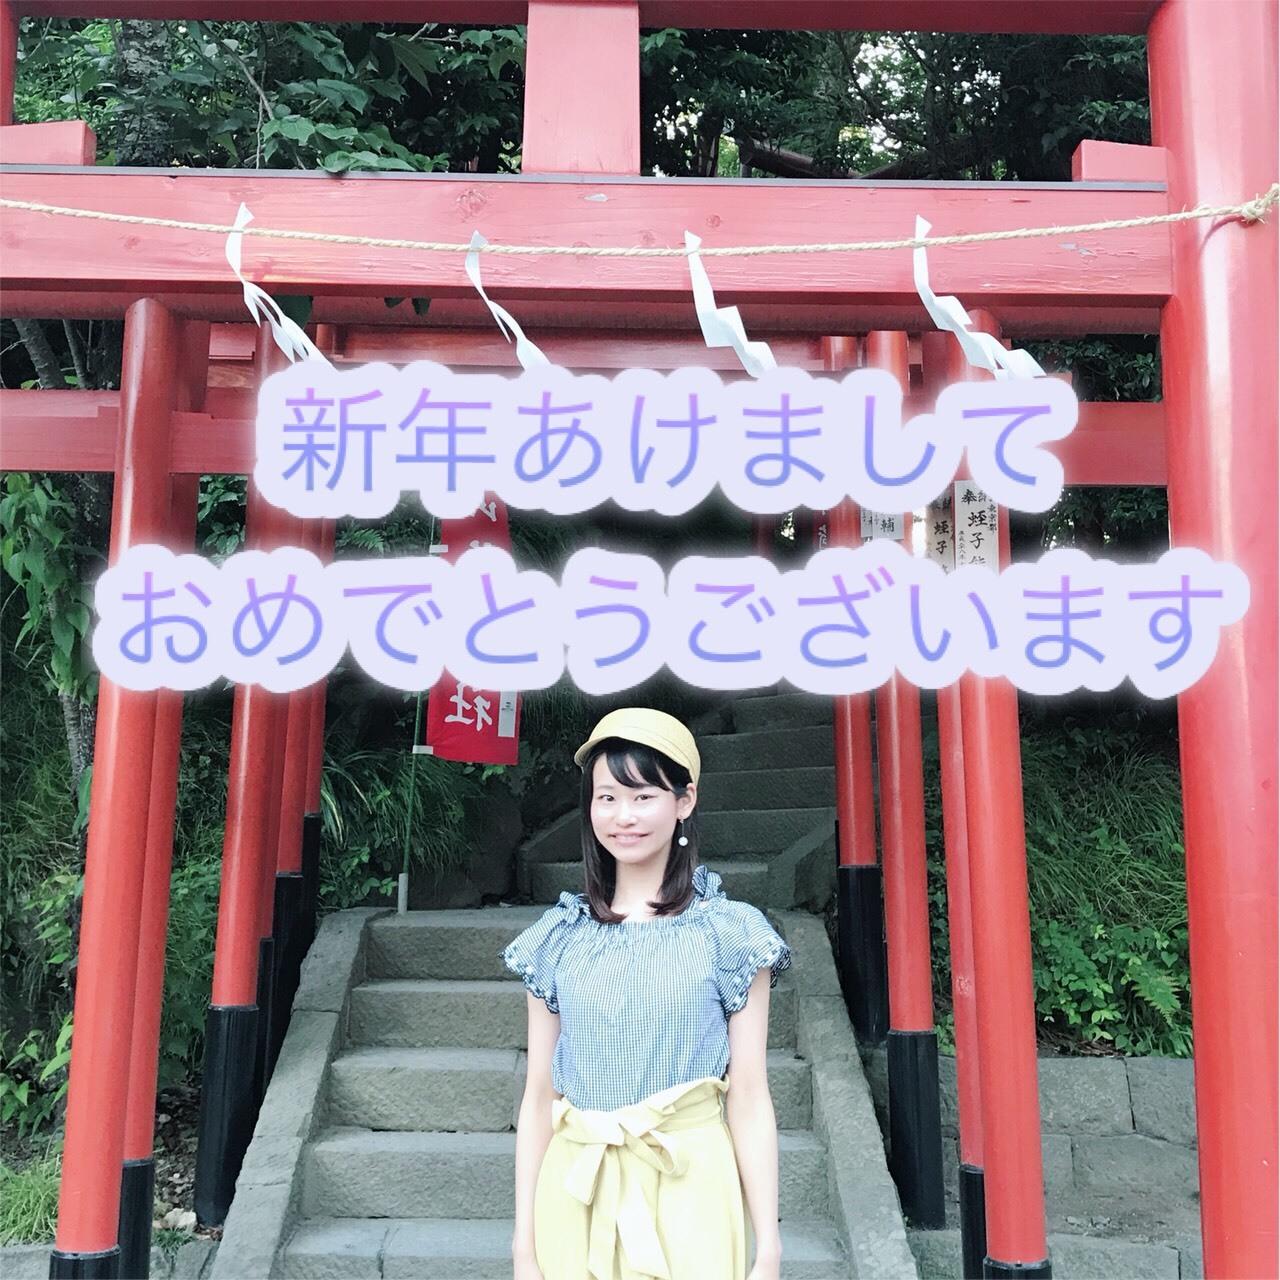 <そよなほまれと初詣プラン>